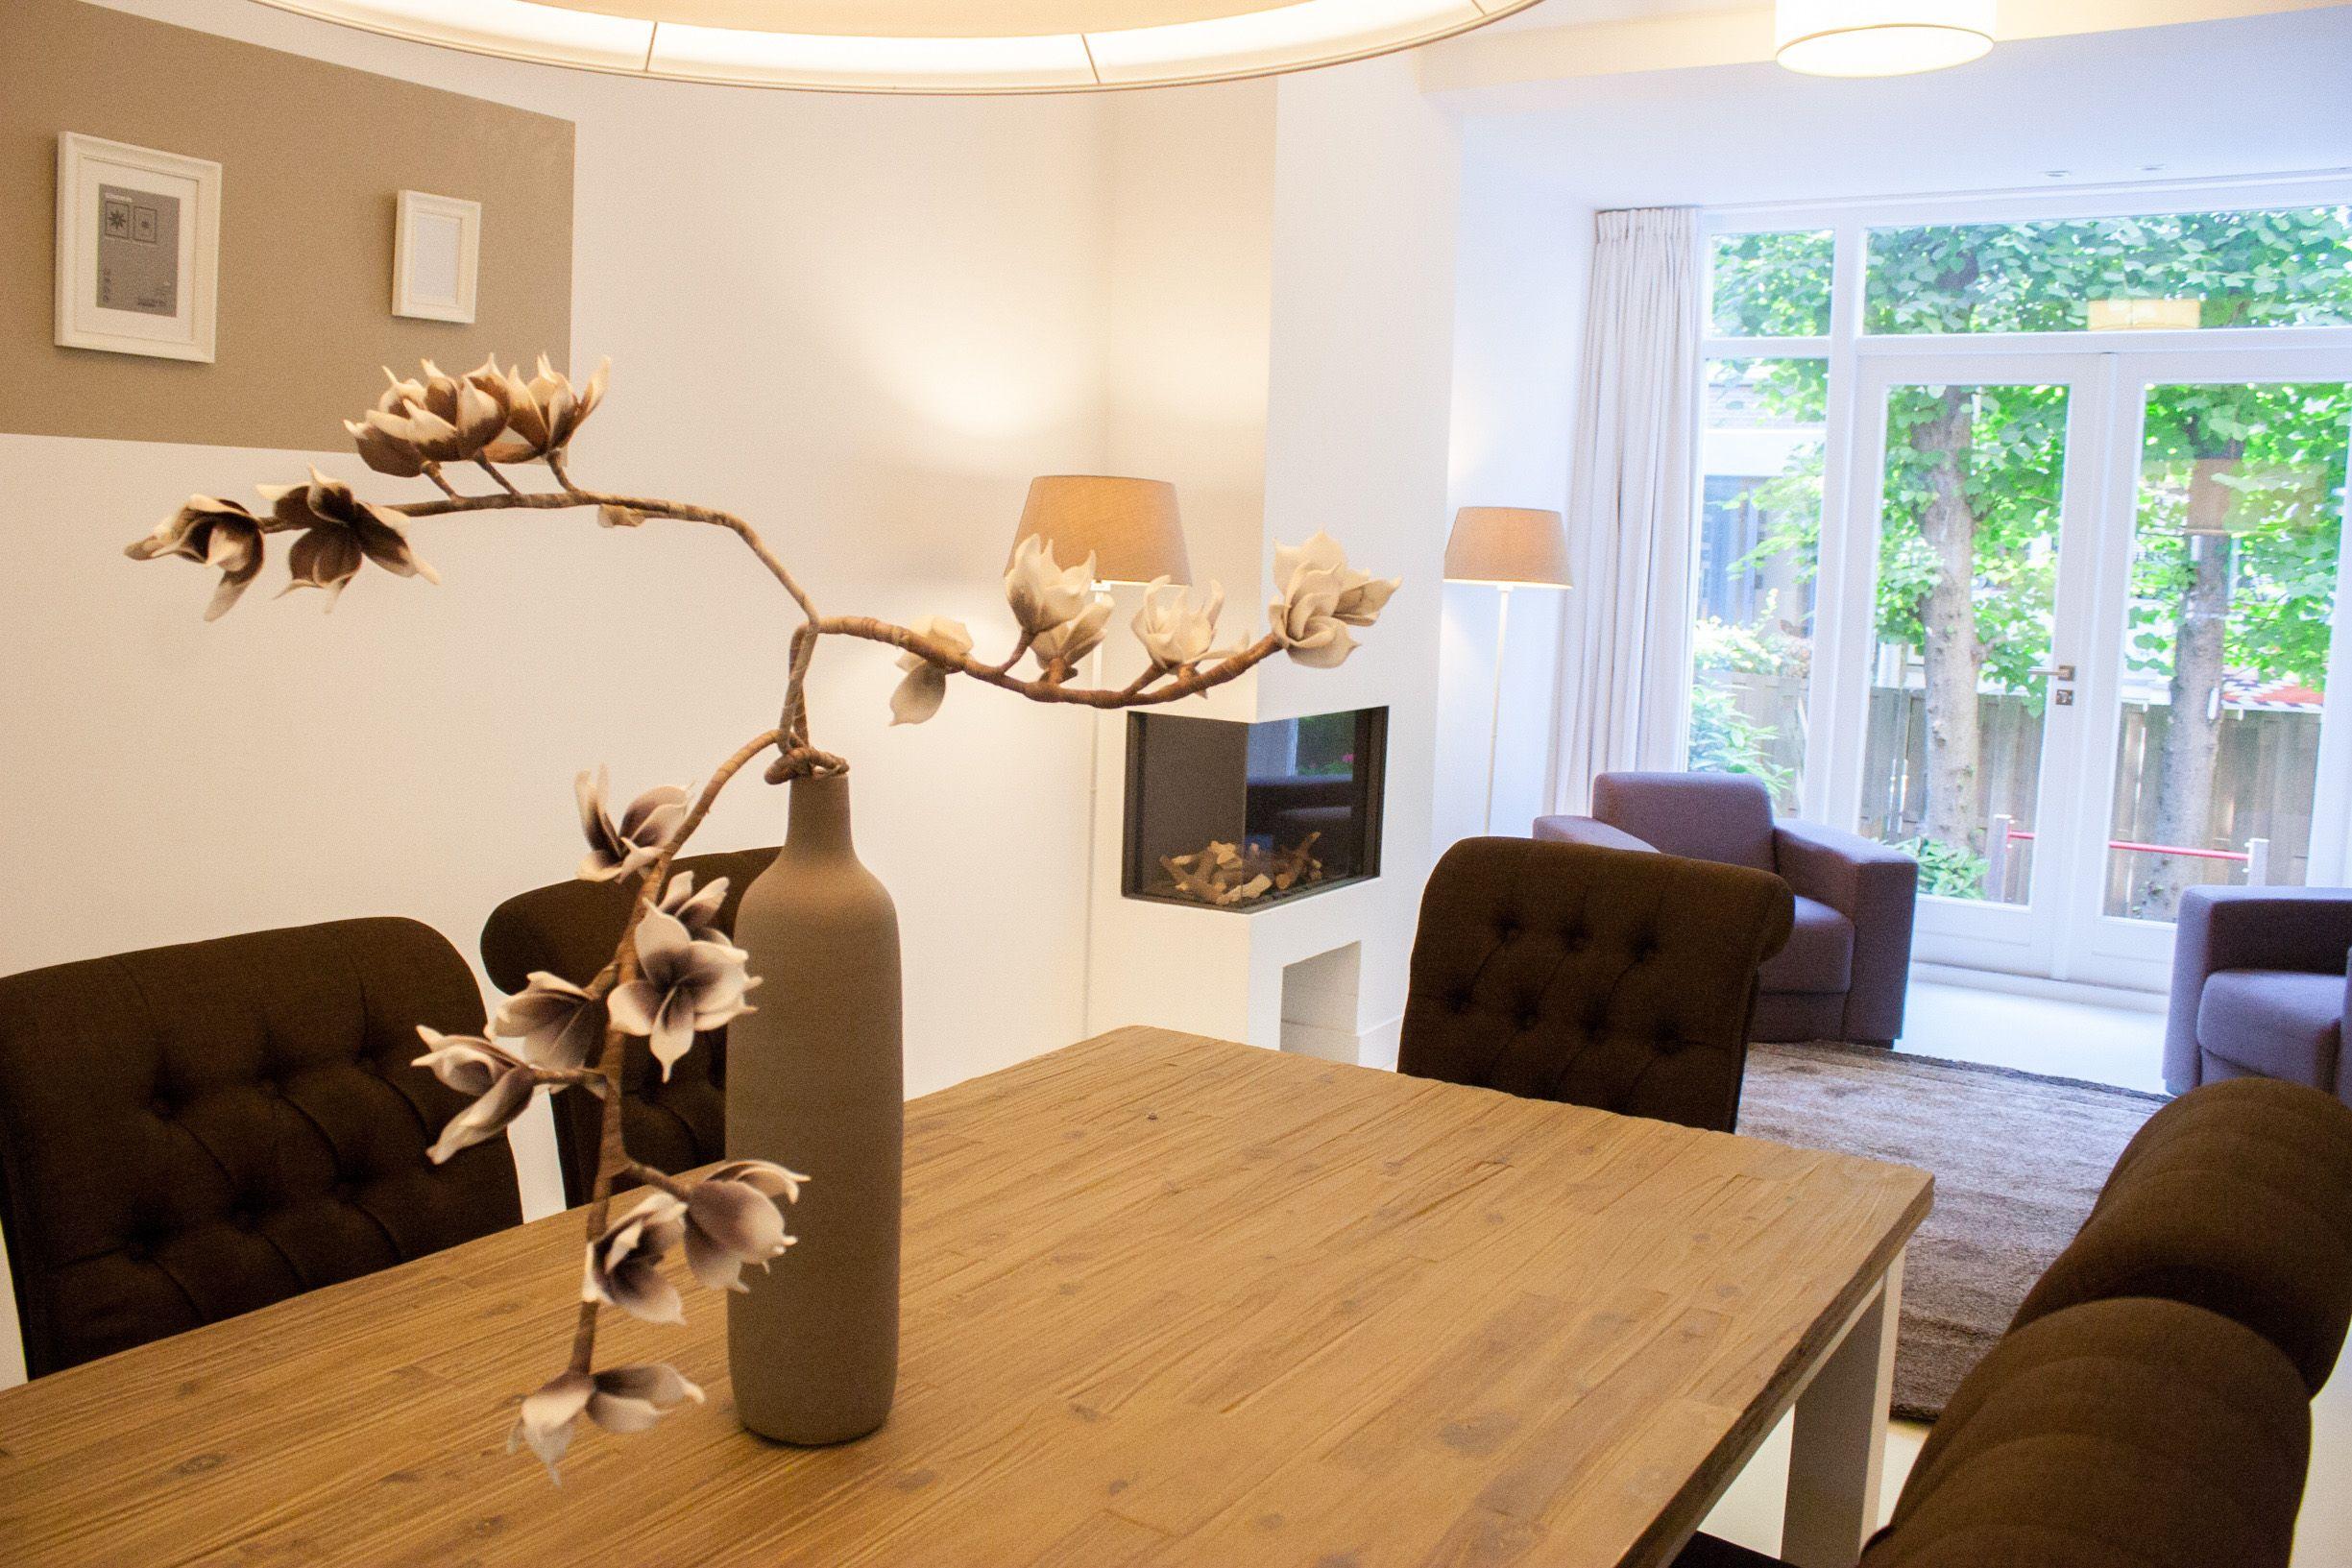 Meubel verhuur. Rental furniture. Interieur verhuur. Expat housing ...